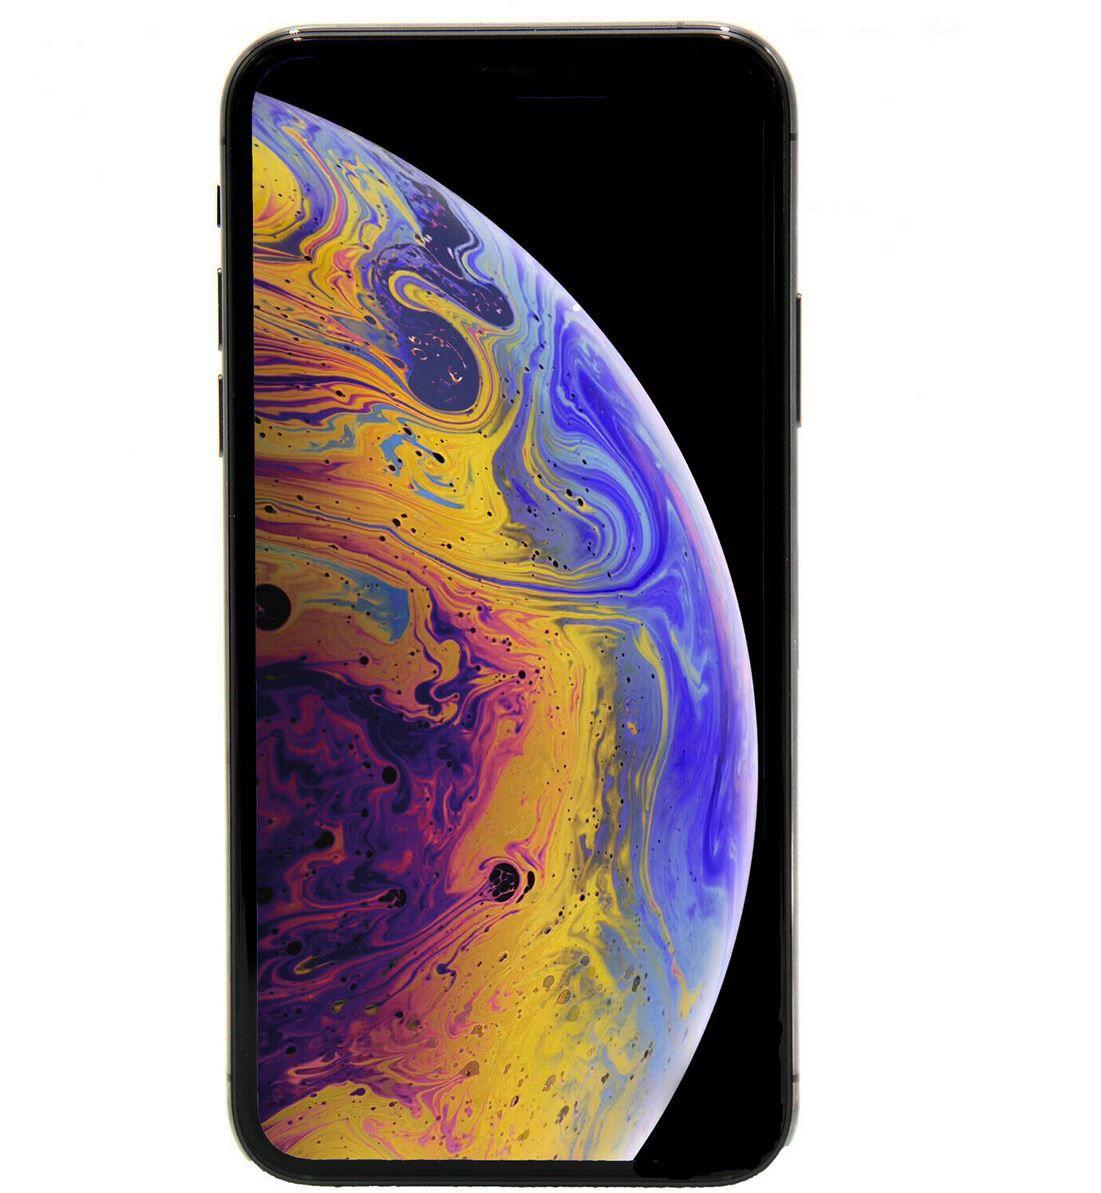 iPhone XR Schwarz 64GB für 679,90€ (statt 719€)